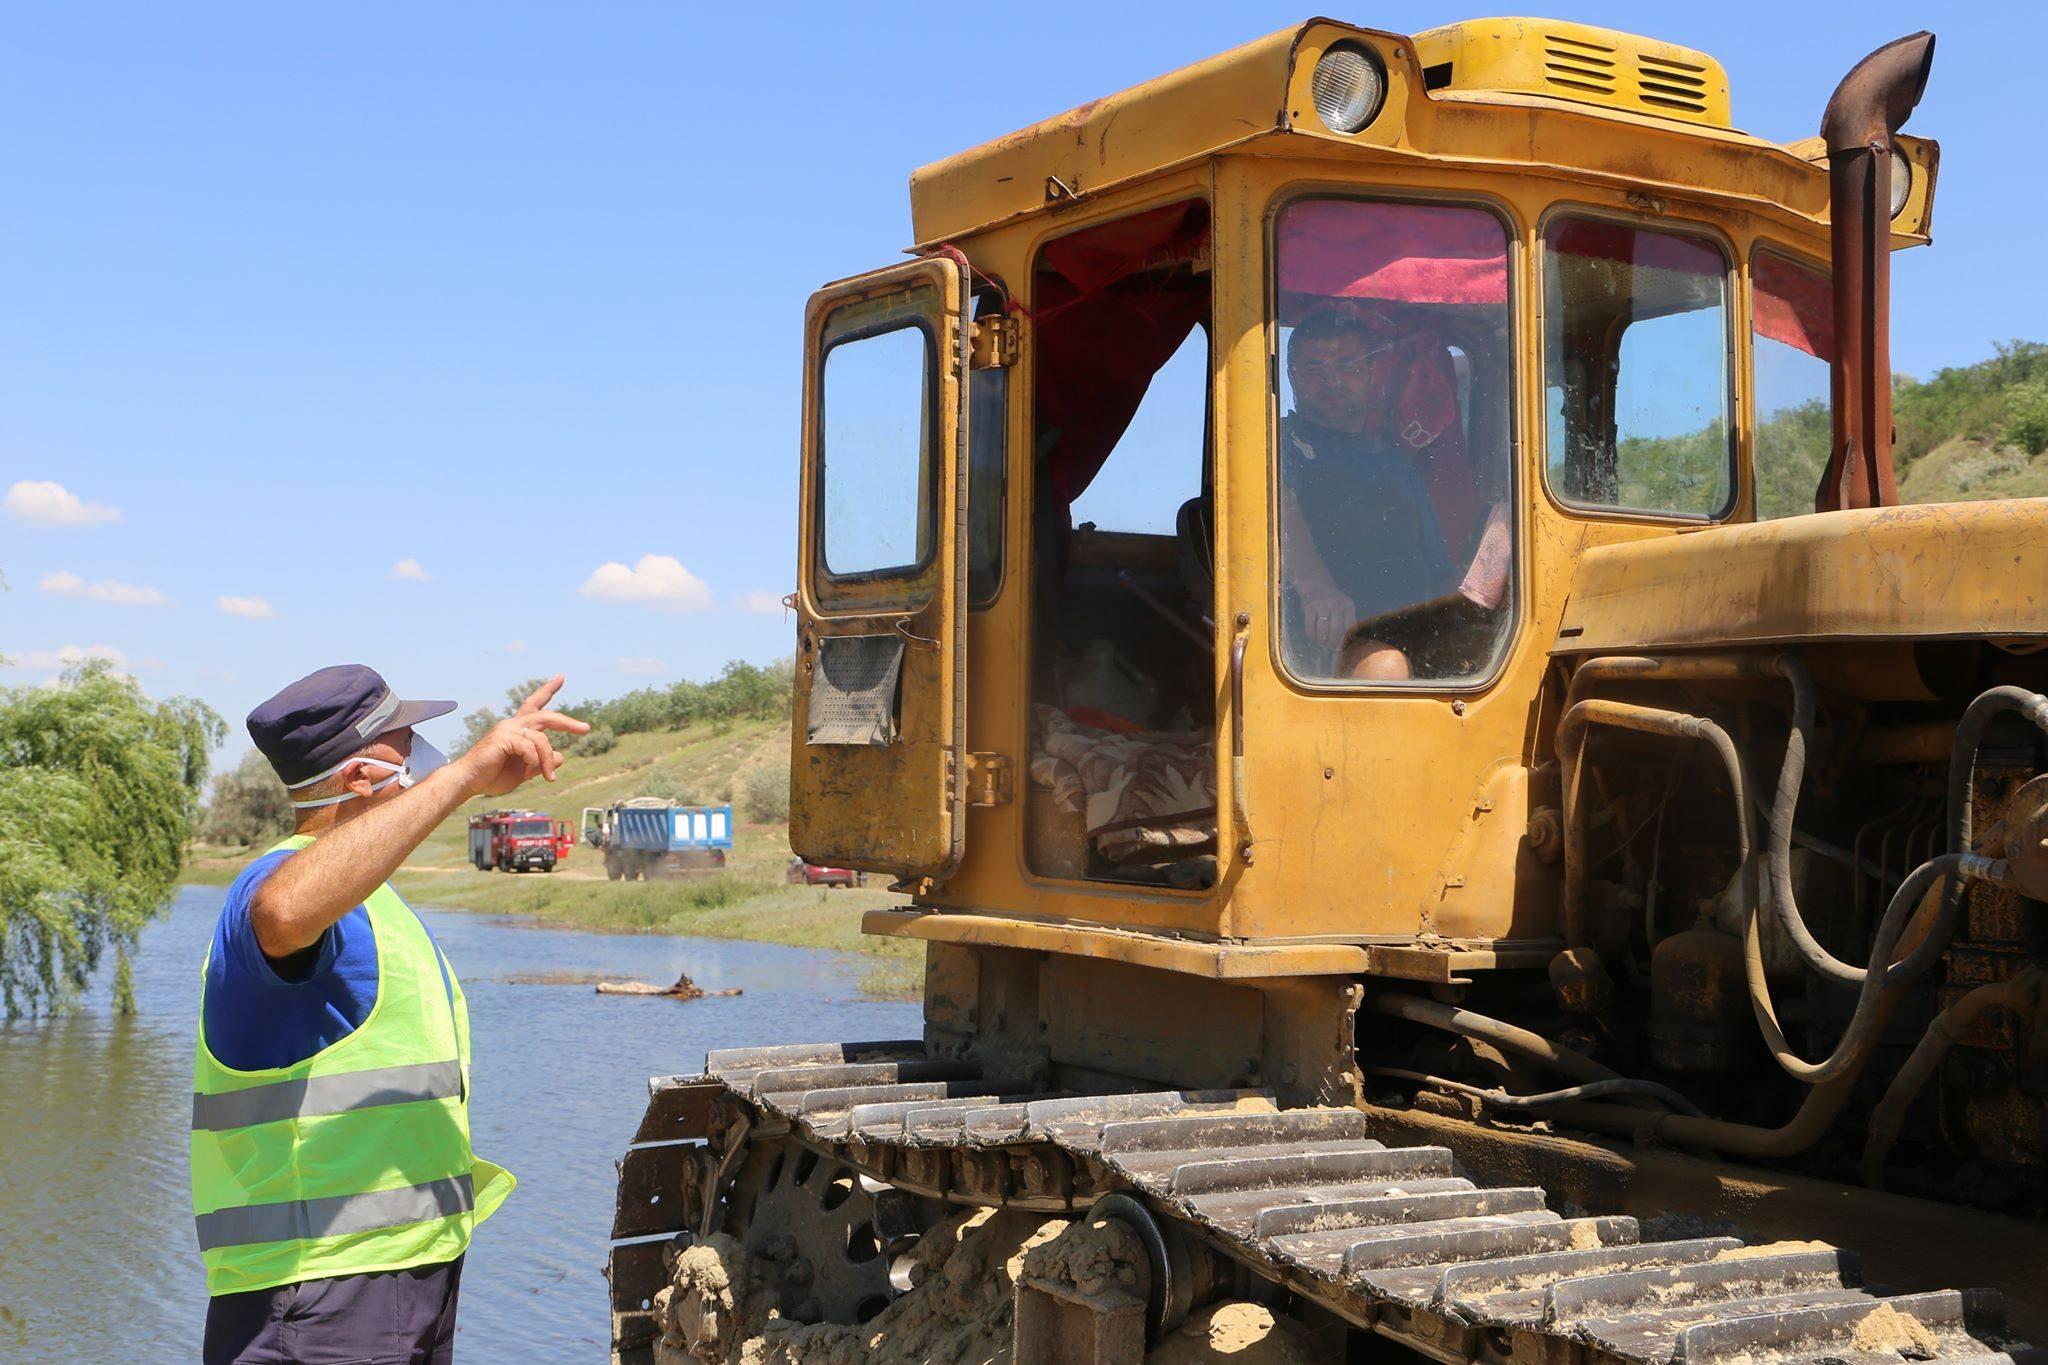 FOTO/VIDEO Dig de trei metri în localitatea Ghioltosu, raionul Cantemir. Salvatori, polițiști și localnici s-au mobilizat pentru a proteja gospodăriile de ape